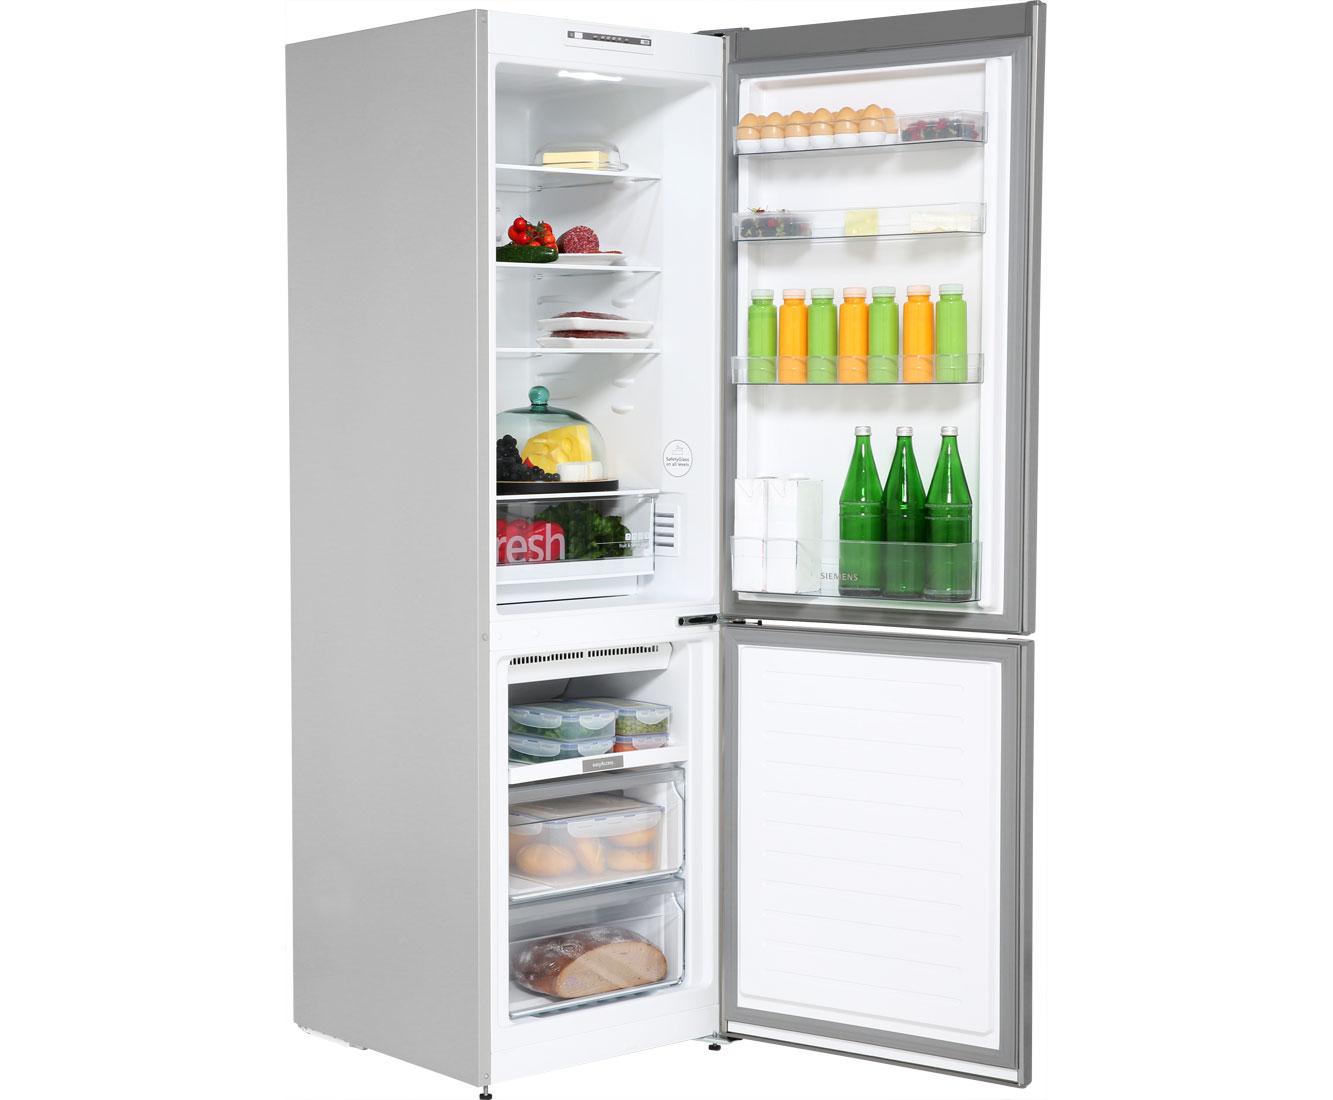 Siemens Kühlschrank Edelstahl Freistehend : Siemens kühlschrank edelstahl freistehend siemens kd vvl iq